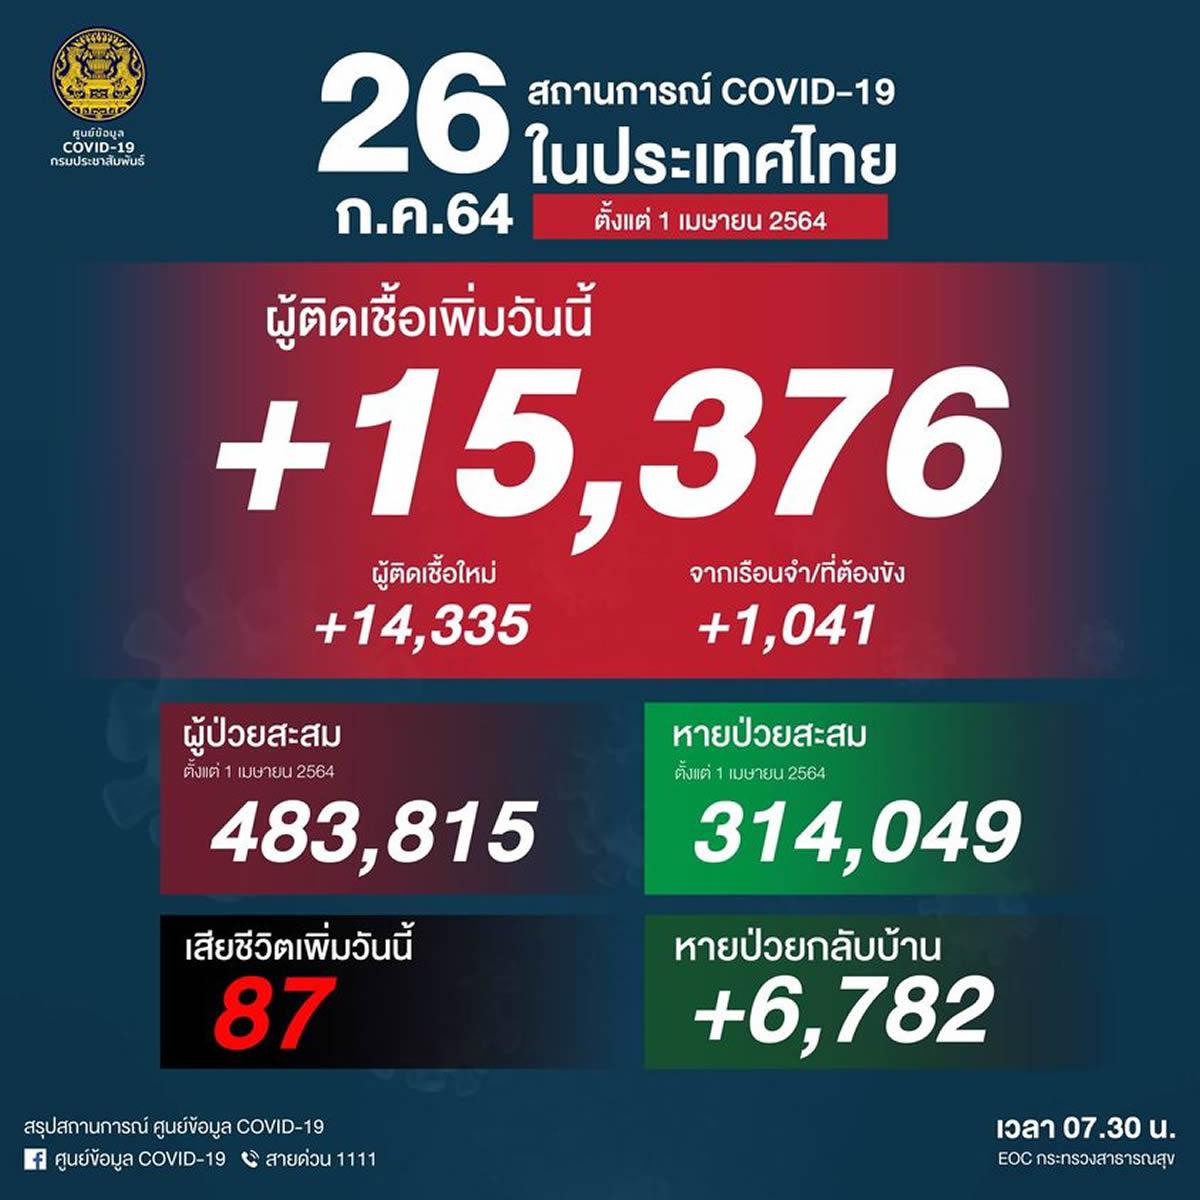 タイ 15,376人陽性(刑務所1,041人)、87人死亡[2021/7/26]